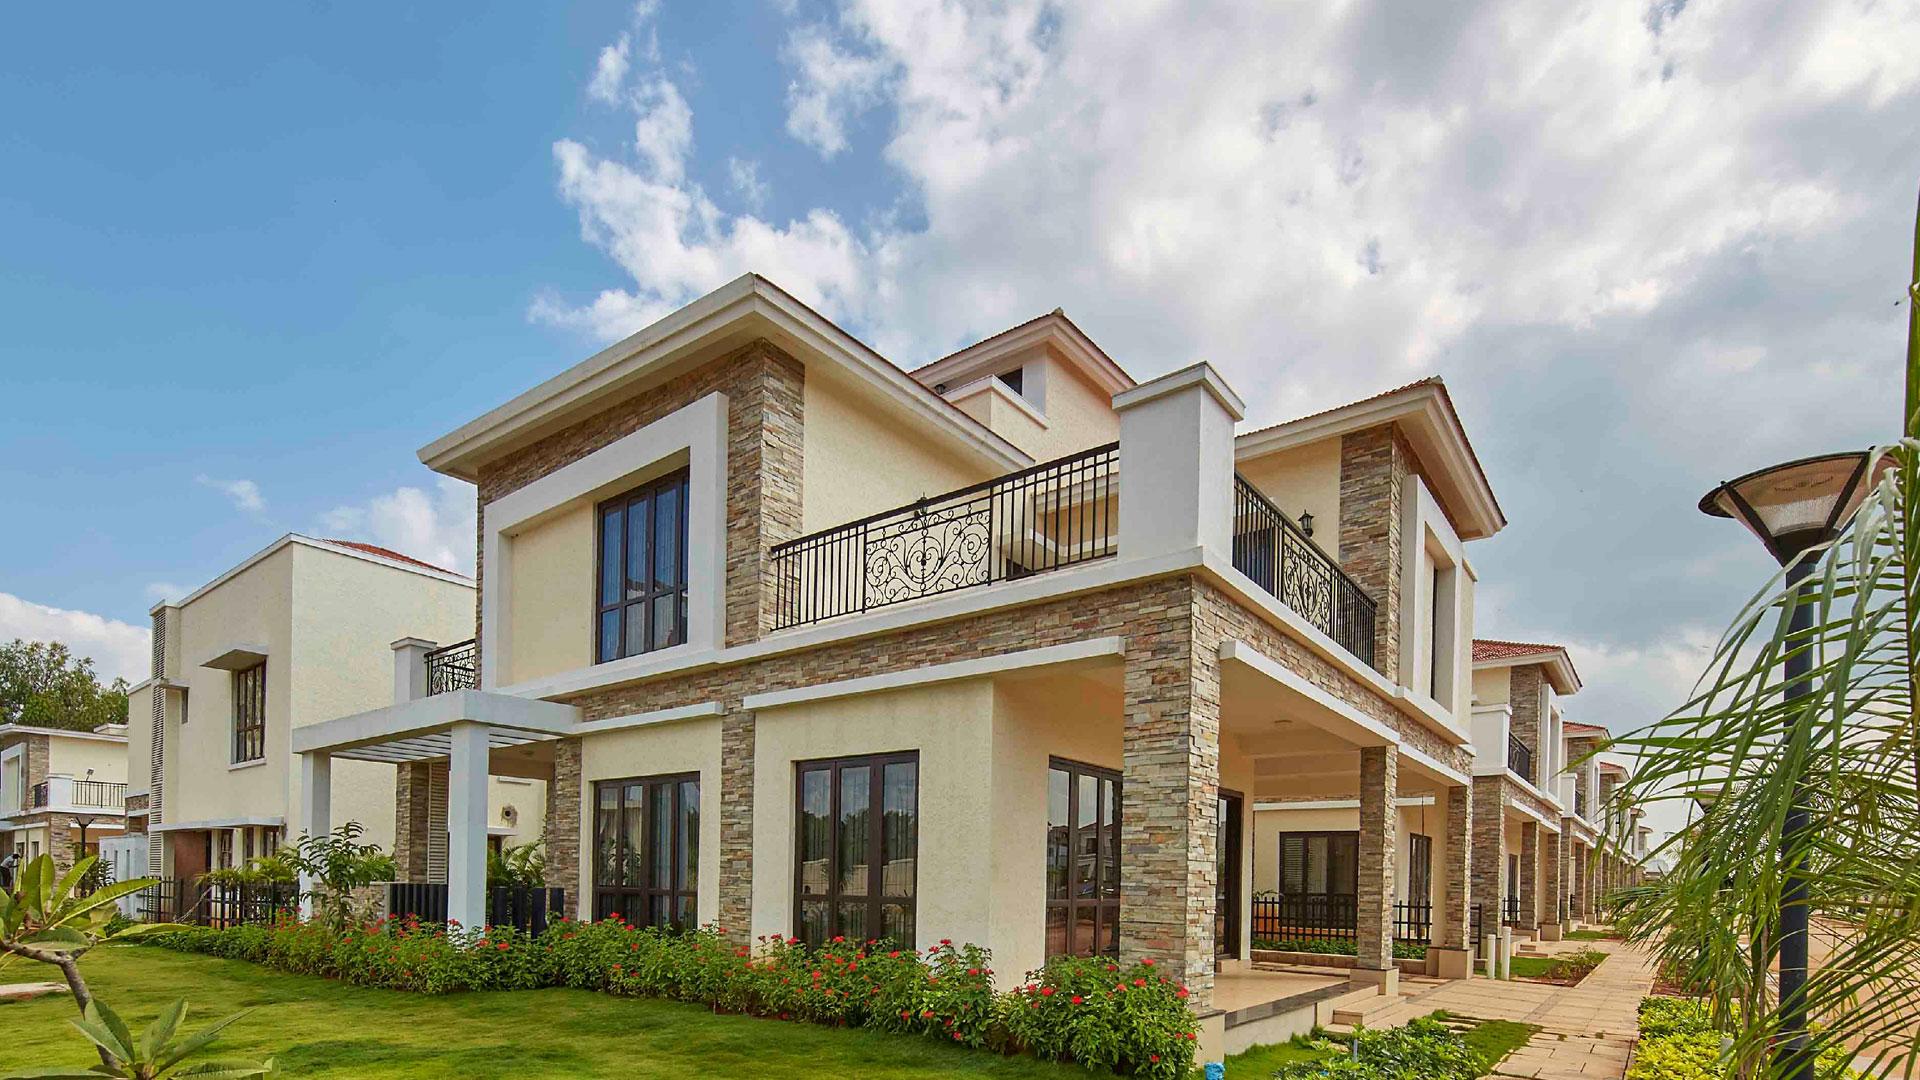 prestige-glenwood-Villas-in-Avalon-Layout-Bangalore-Image-01